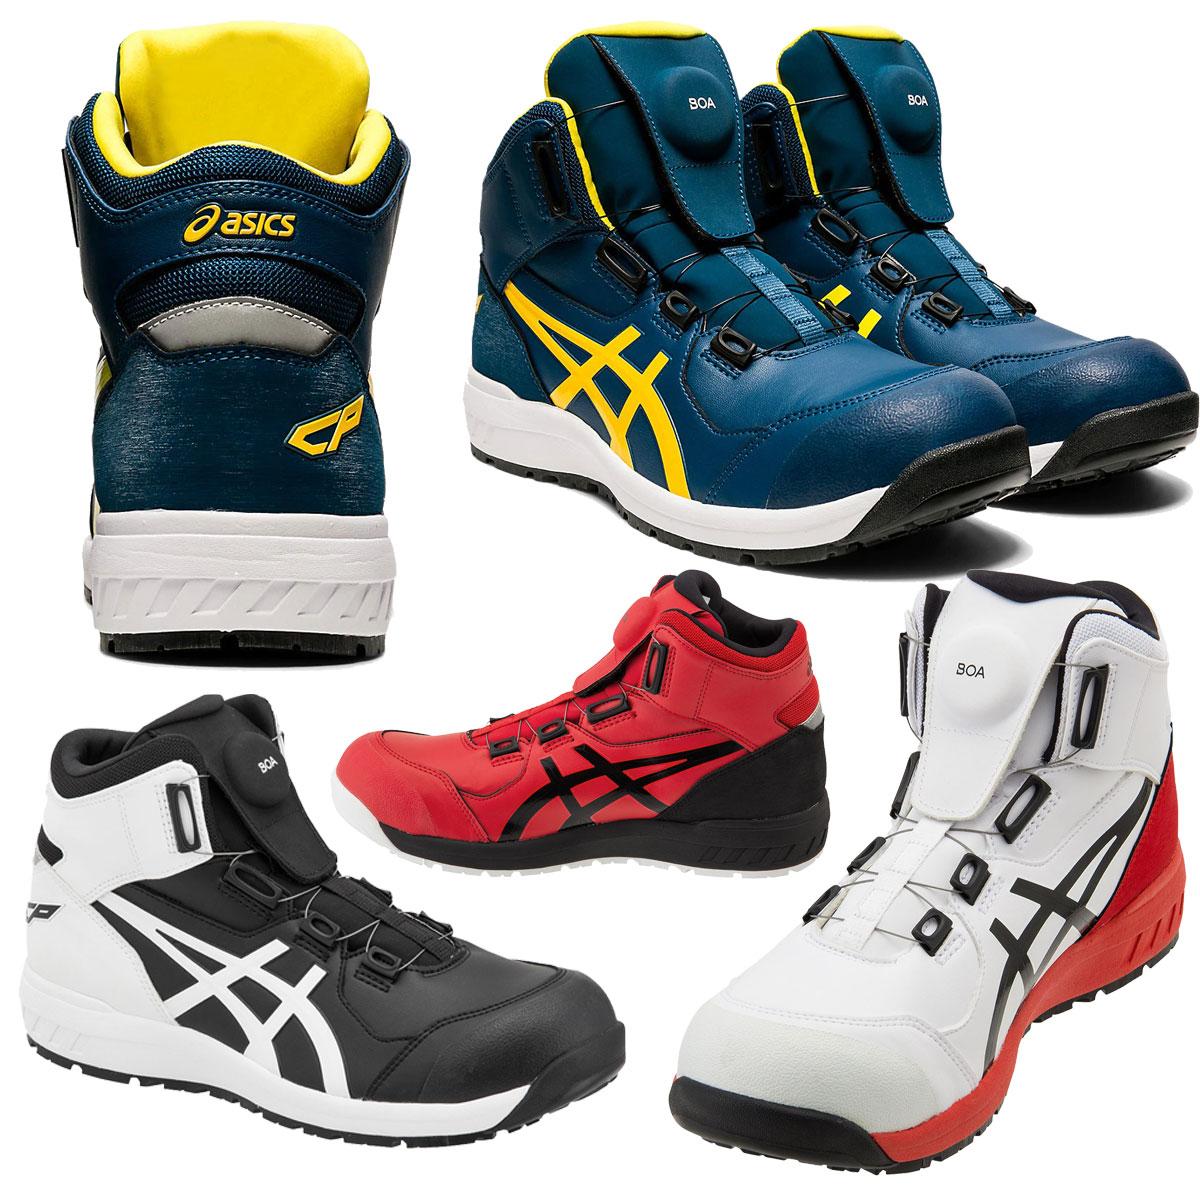 【次回入荷の予約】 送料無料 CP304Boa アシックスの安全靴 asicsウィンジョブCP304Boa ボアフィットシステムのハイカット作業靴 合皮素材 (JSAA A種 樹脂先芯)